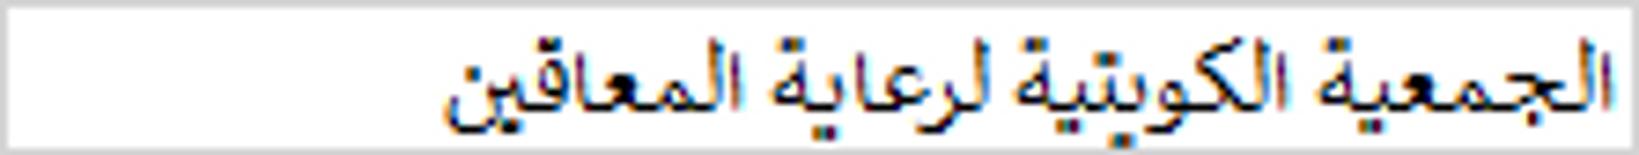 الجمعية الكويتية لرعاية المعاقين0